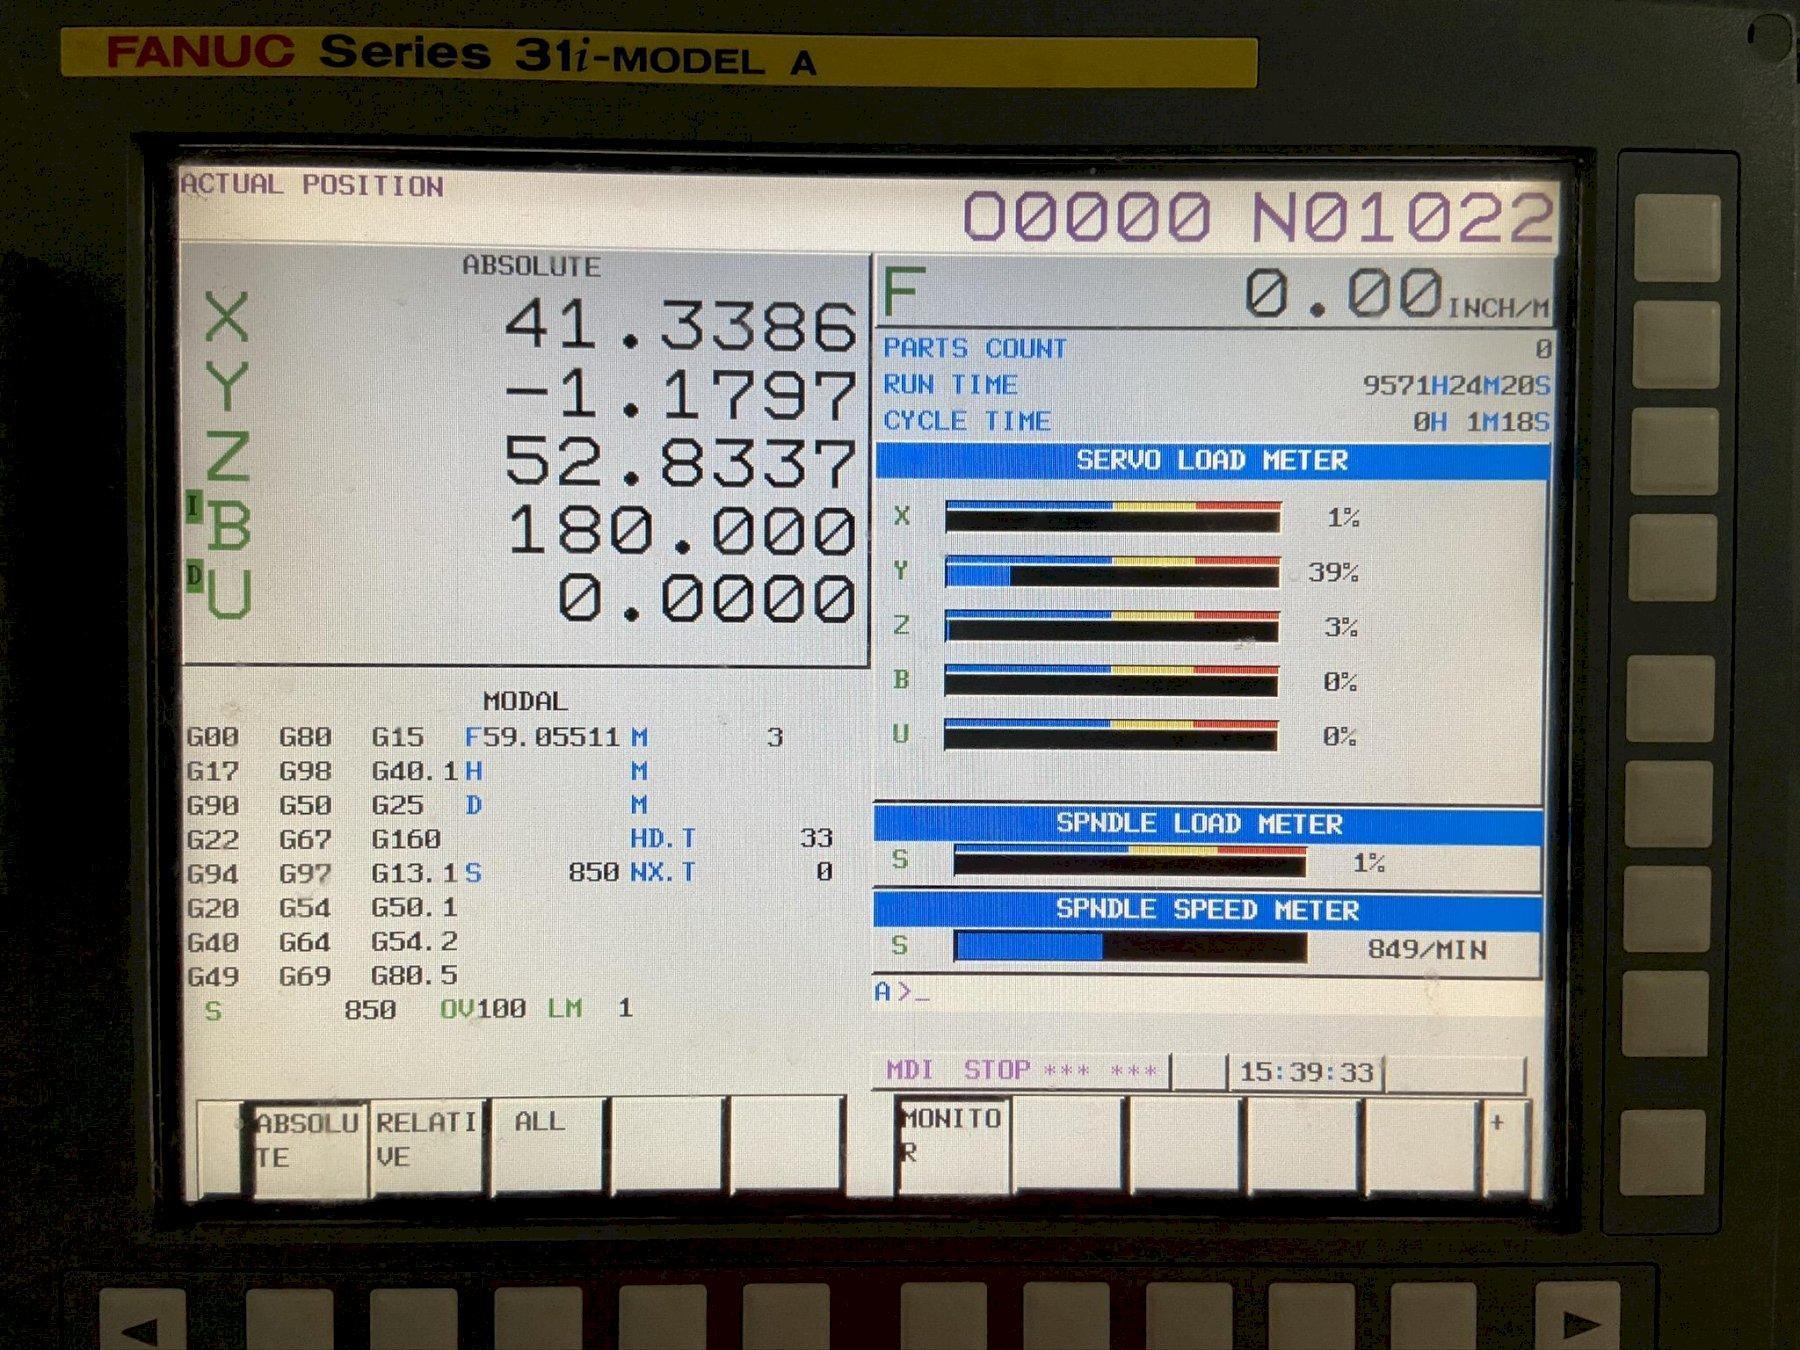 Doosan HM 1000 CNC Horizontal Machining Center